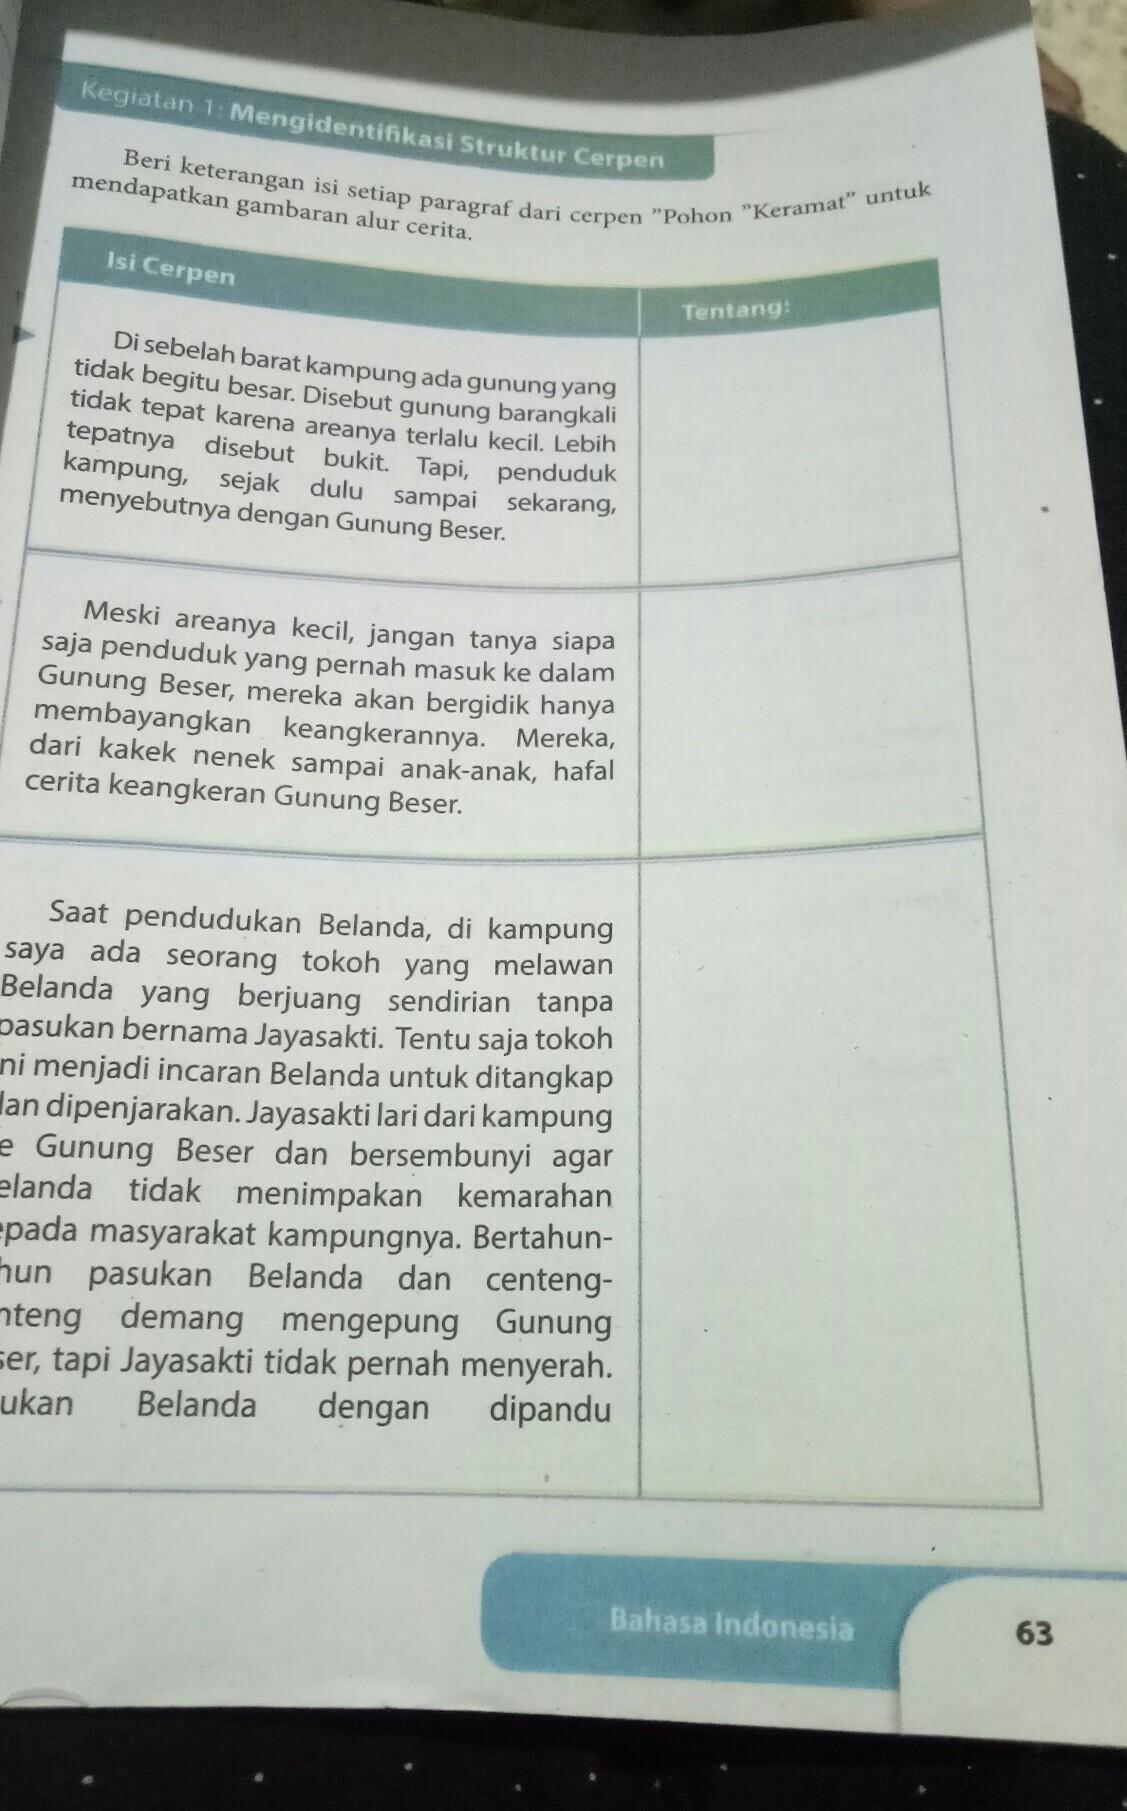 Jawaban Bahasa Indonesia Kelas 9 Hal 63 Sampai Halaman 75 Tolong Dijwb Ya Kak Besok Dikumpulkan Brainly Co Id